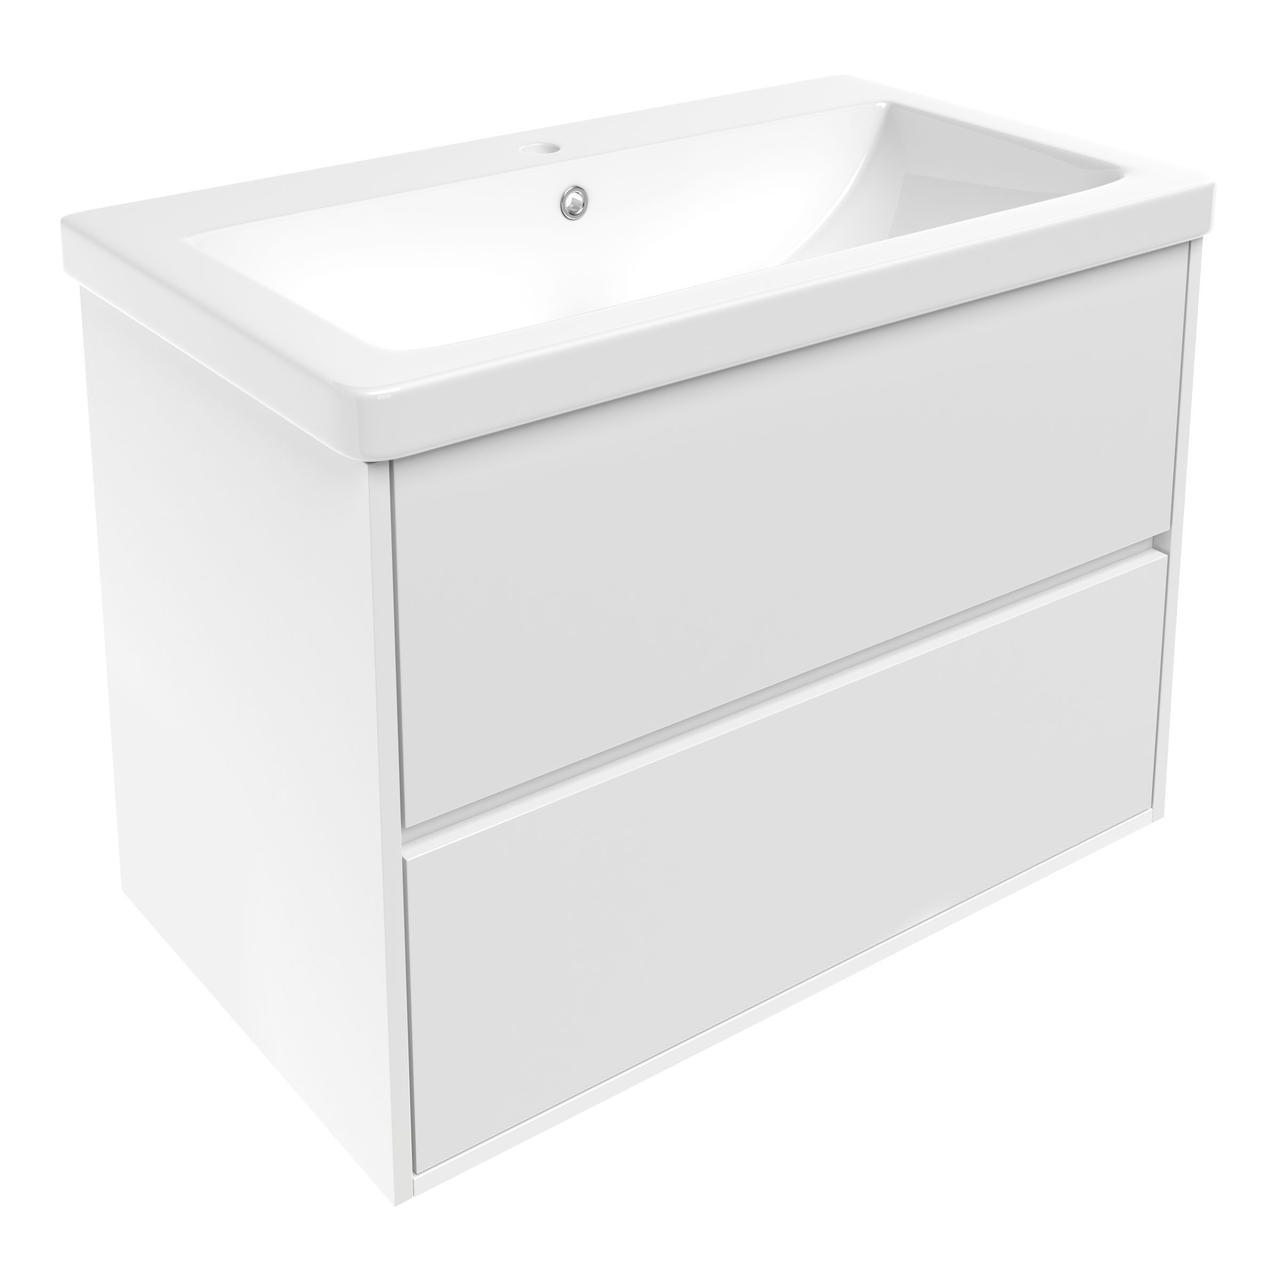 TEO комплект мебели 80см белый: тумба подвесная, 2 ящика + умывальник накладной